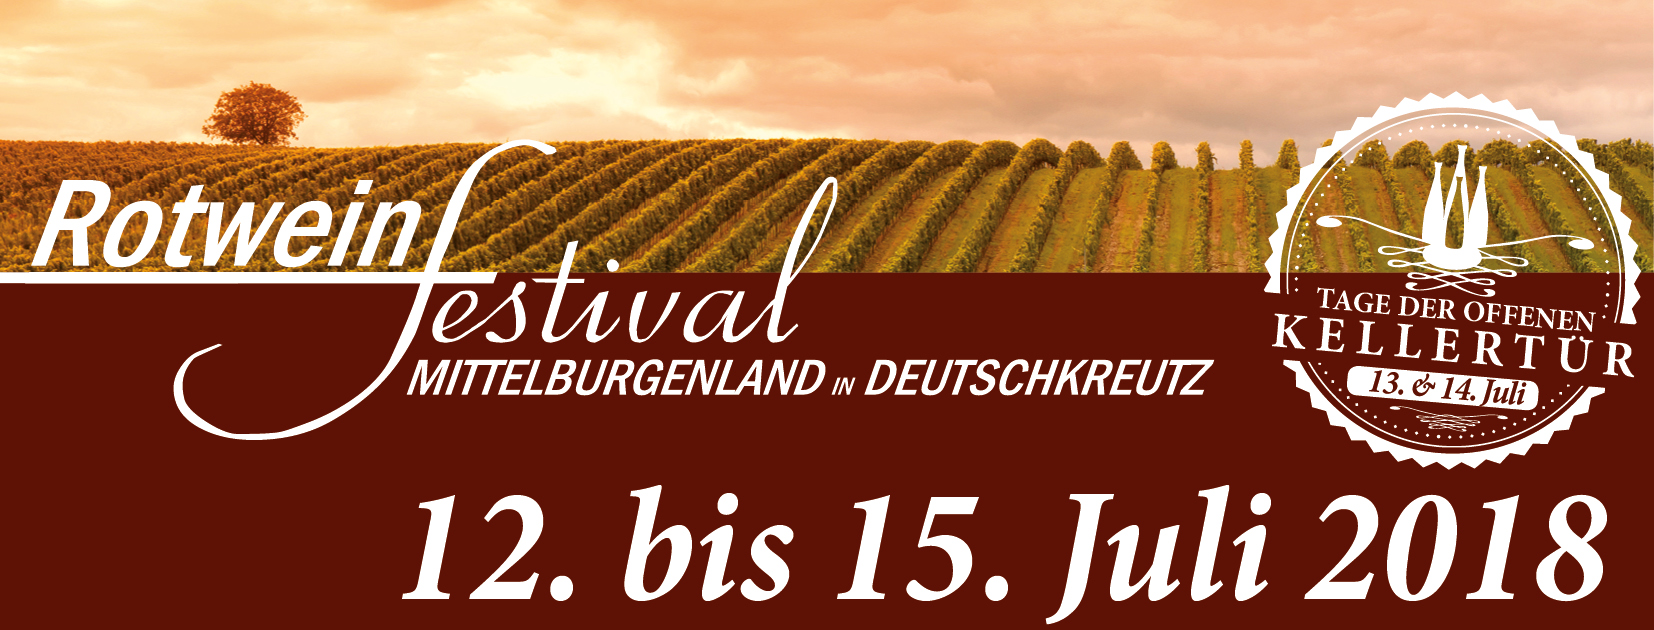 Rotweinfestival Mittelburgenland 2018